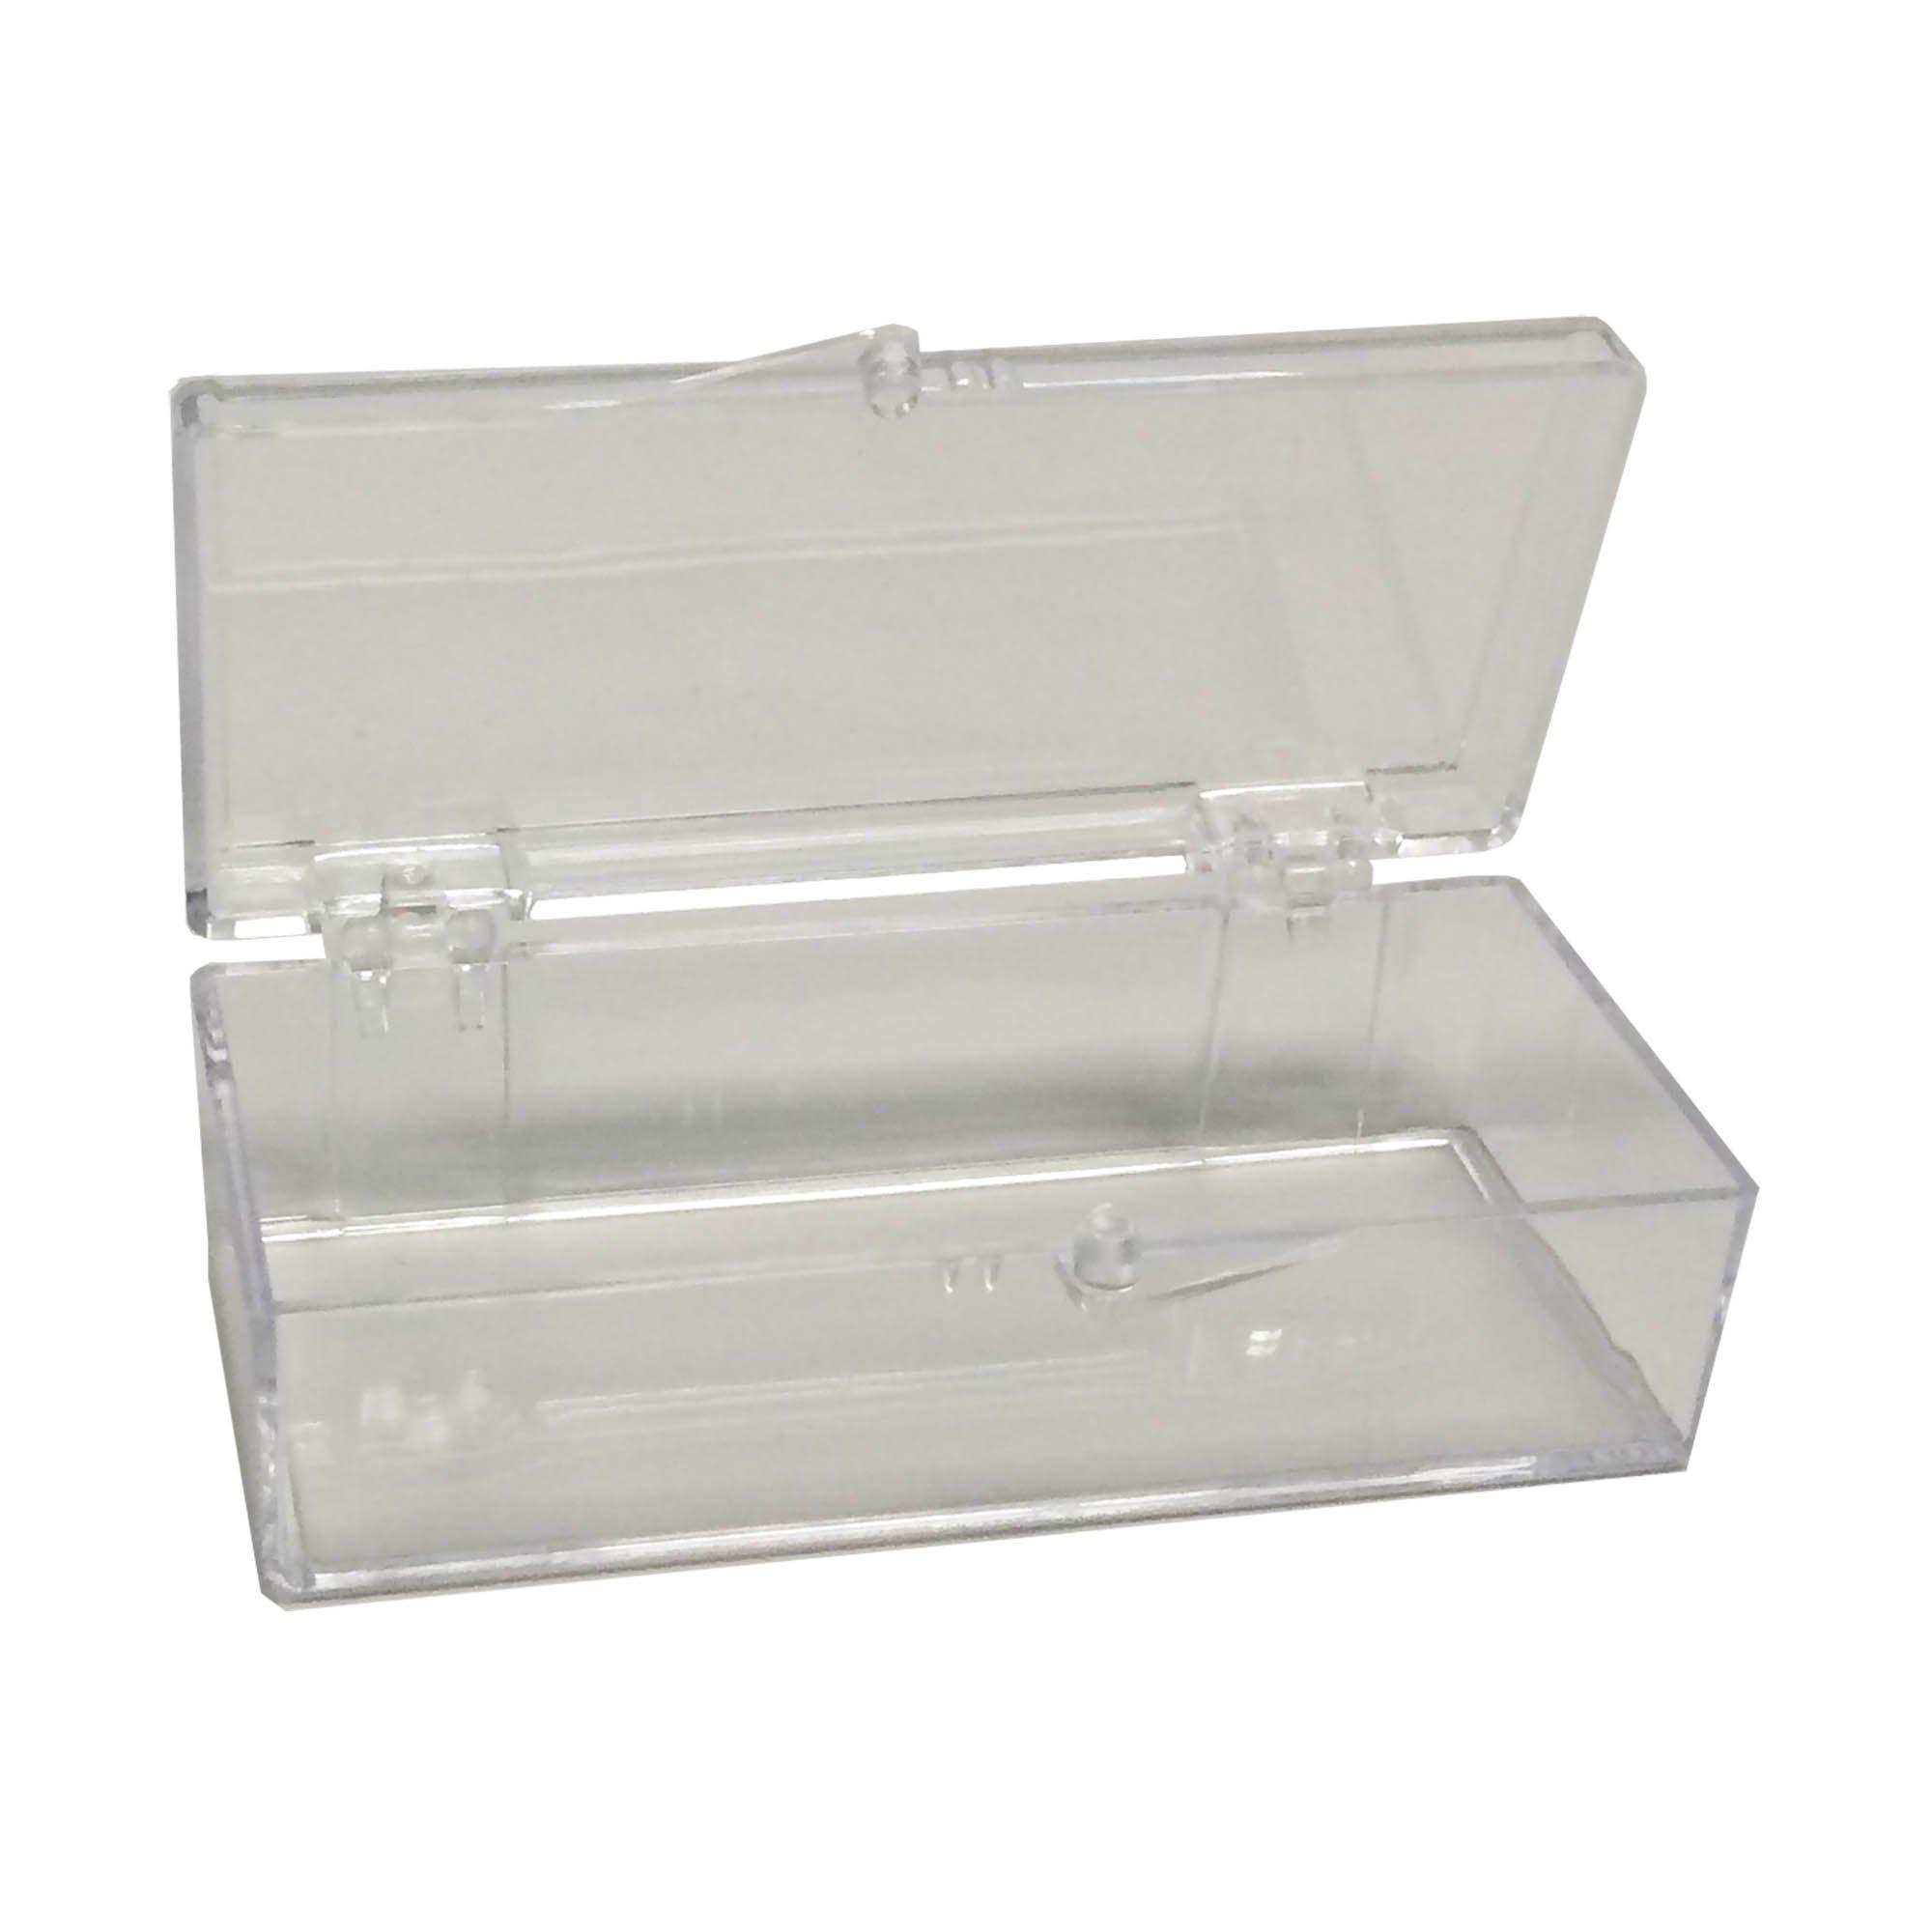 Micro-Strip Clear Western Blot Box - 2 7/8